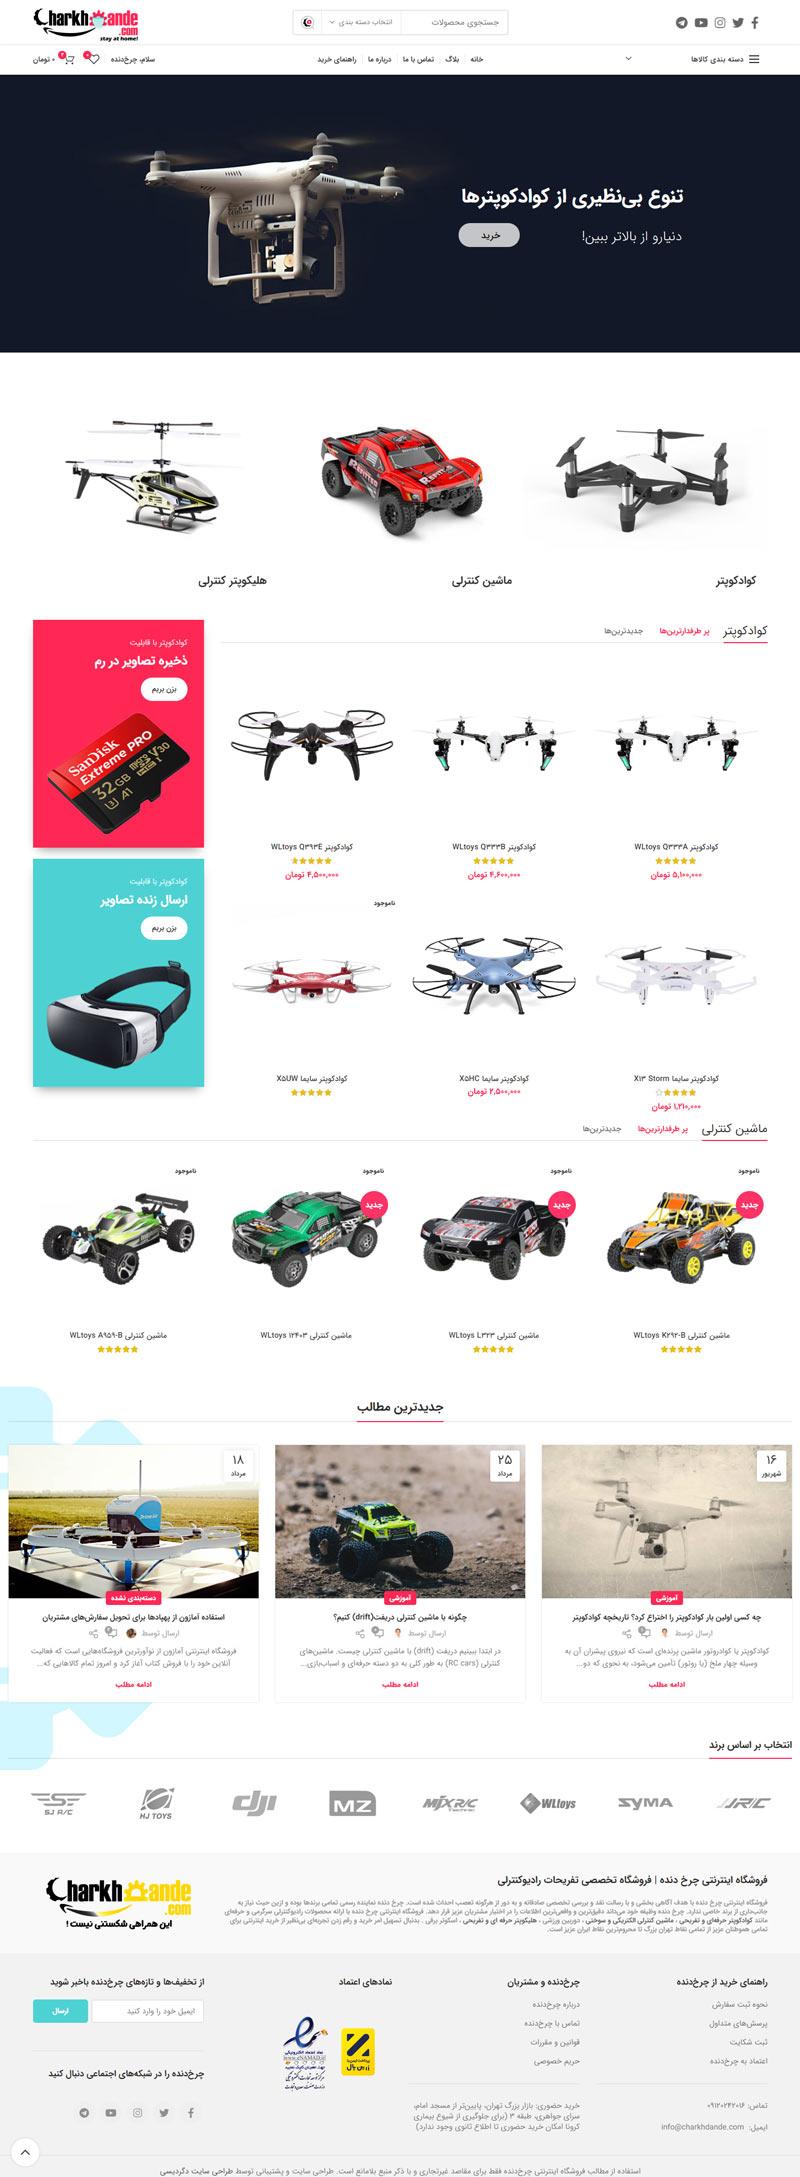 سایت فروشگاهی به همراه بخش مجله و مقالات در طراحی سایت دگردیسی